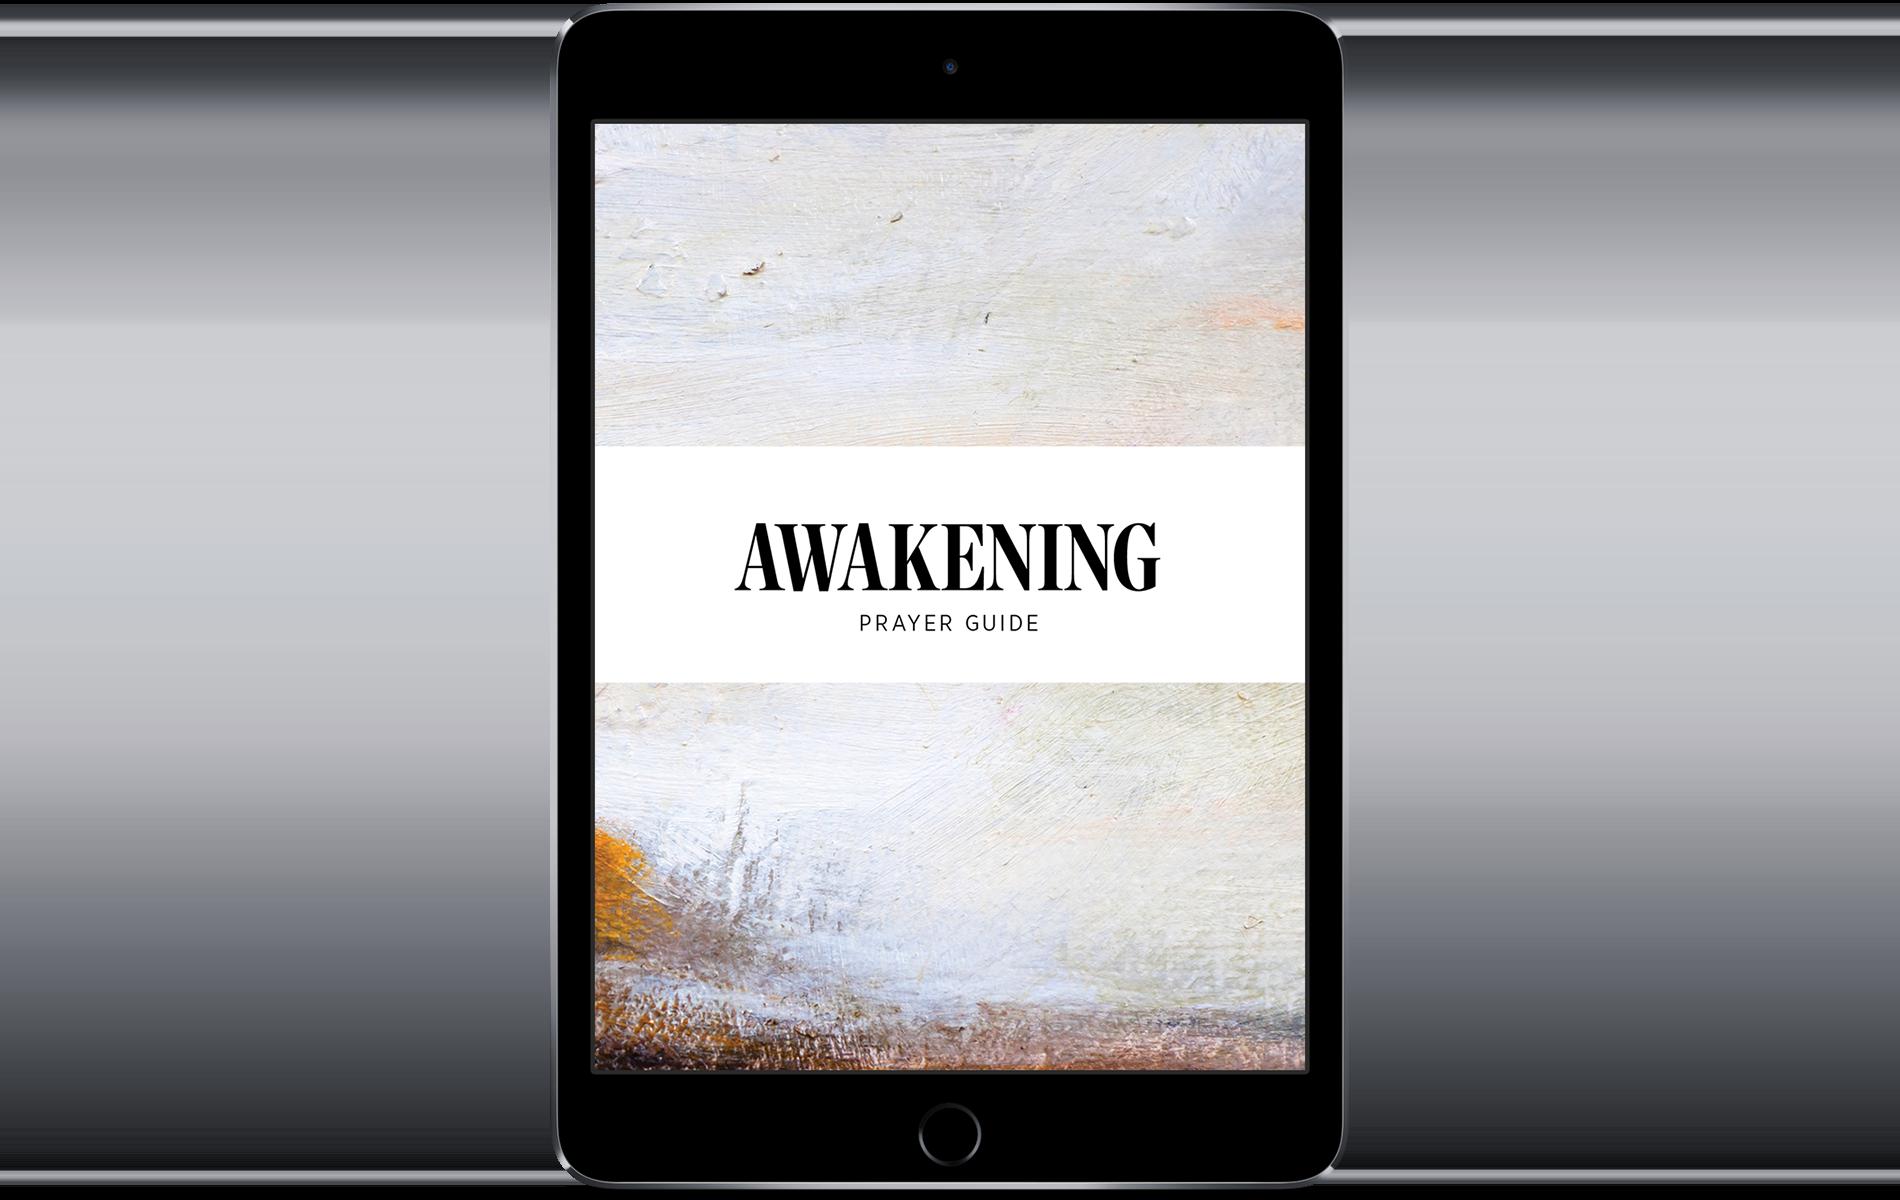 Awakening Prayer Guide